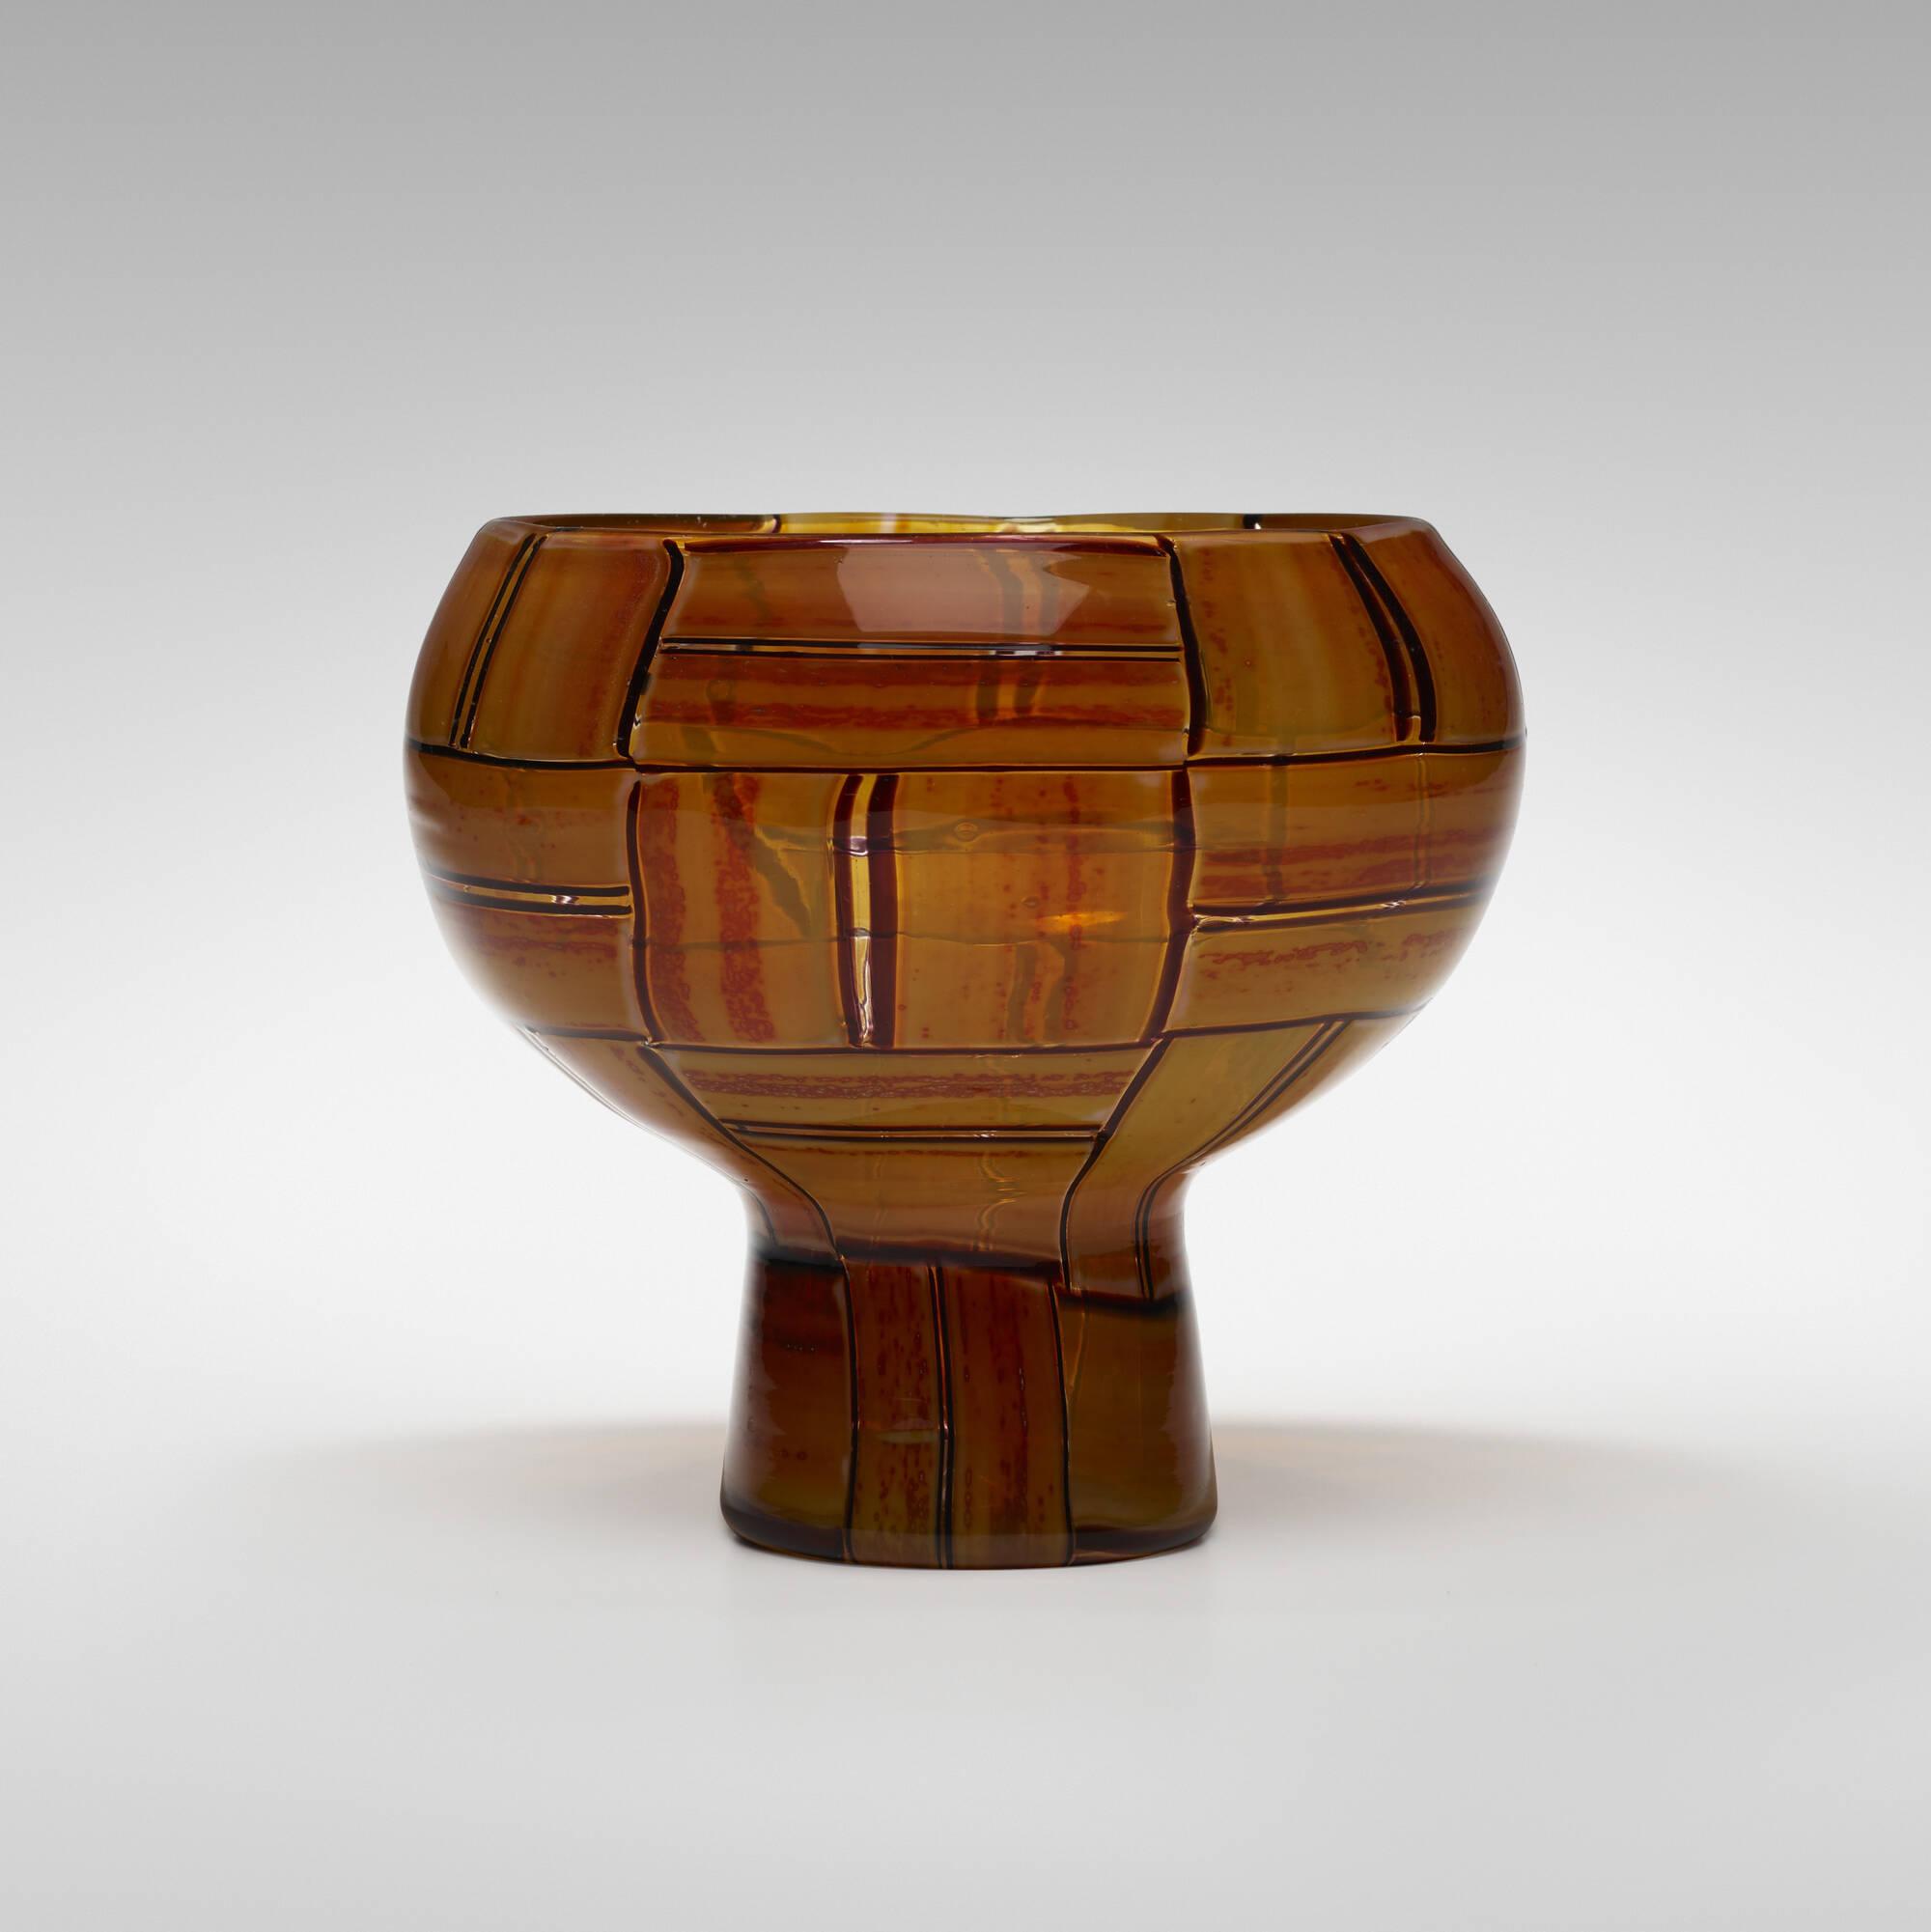 37: Ercole Barovier / Tessere Ambra vase (2 of 5)